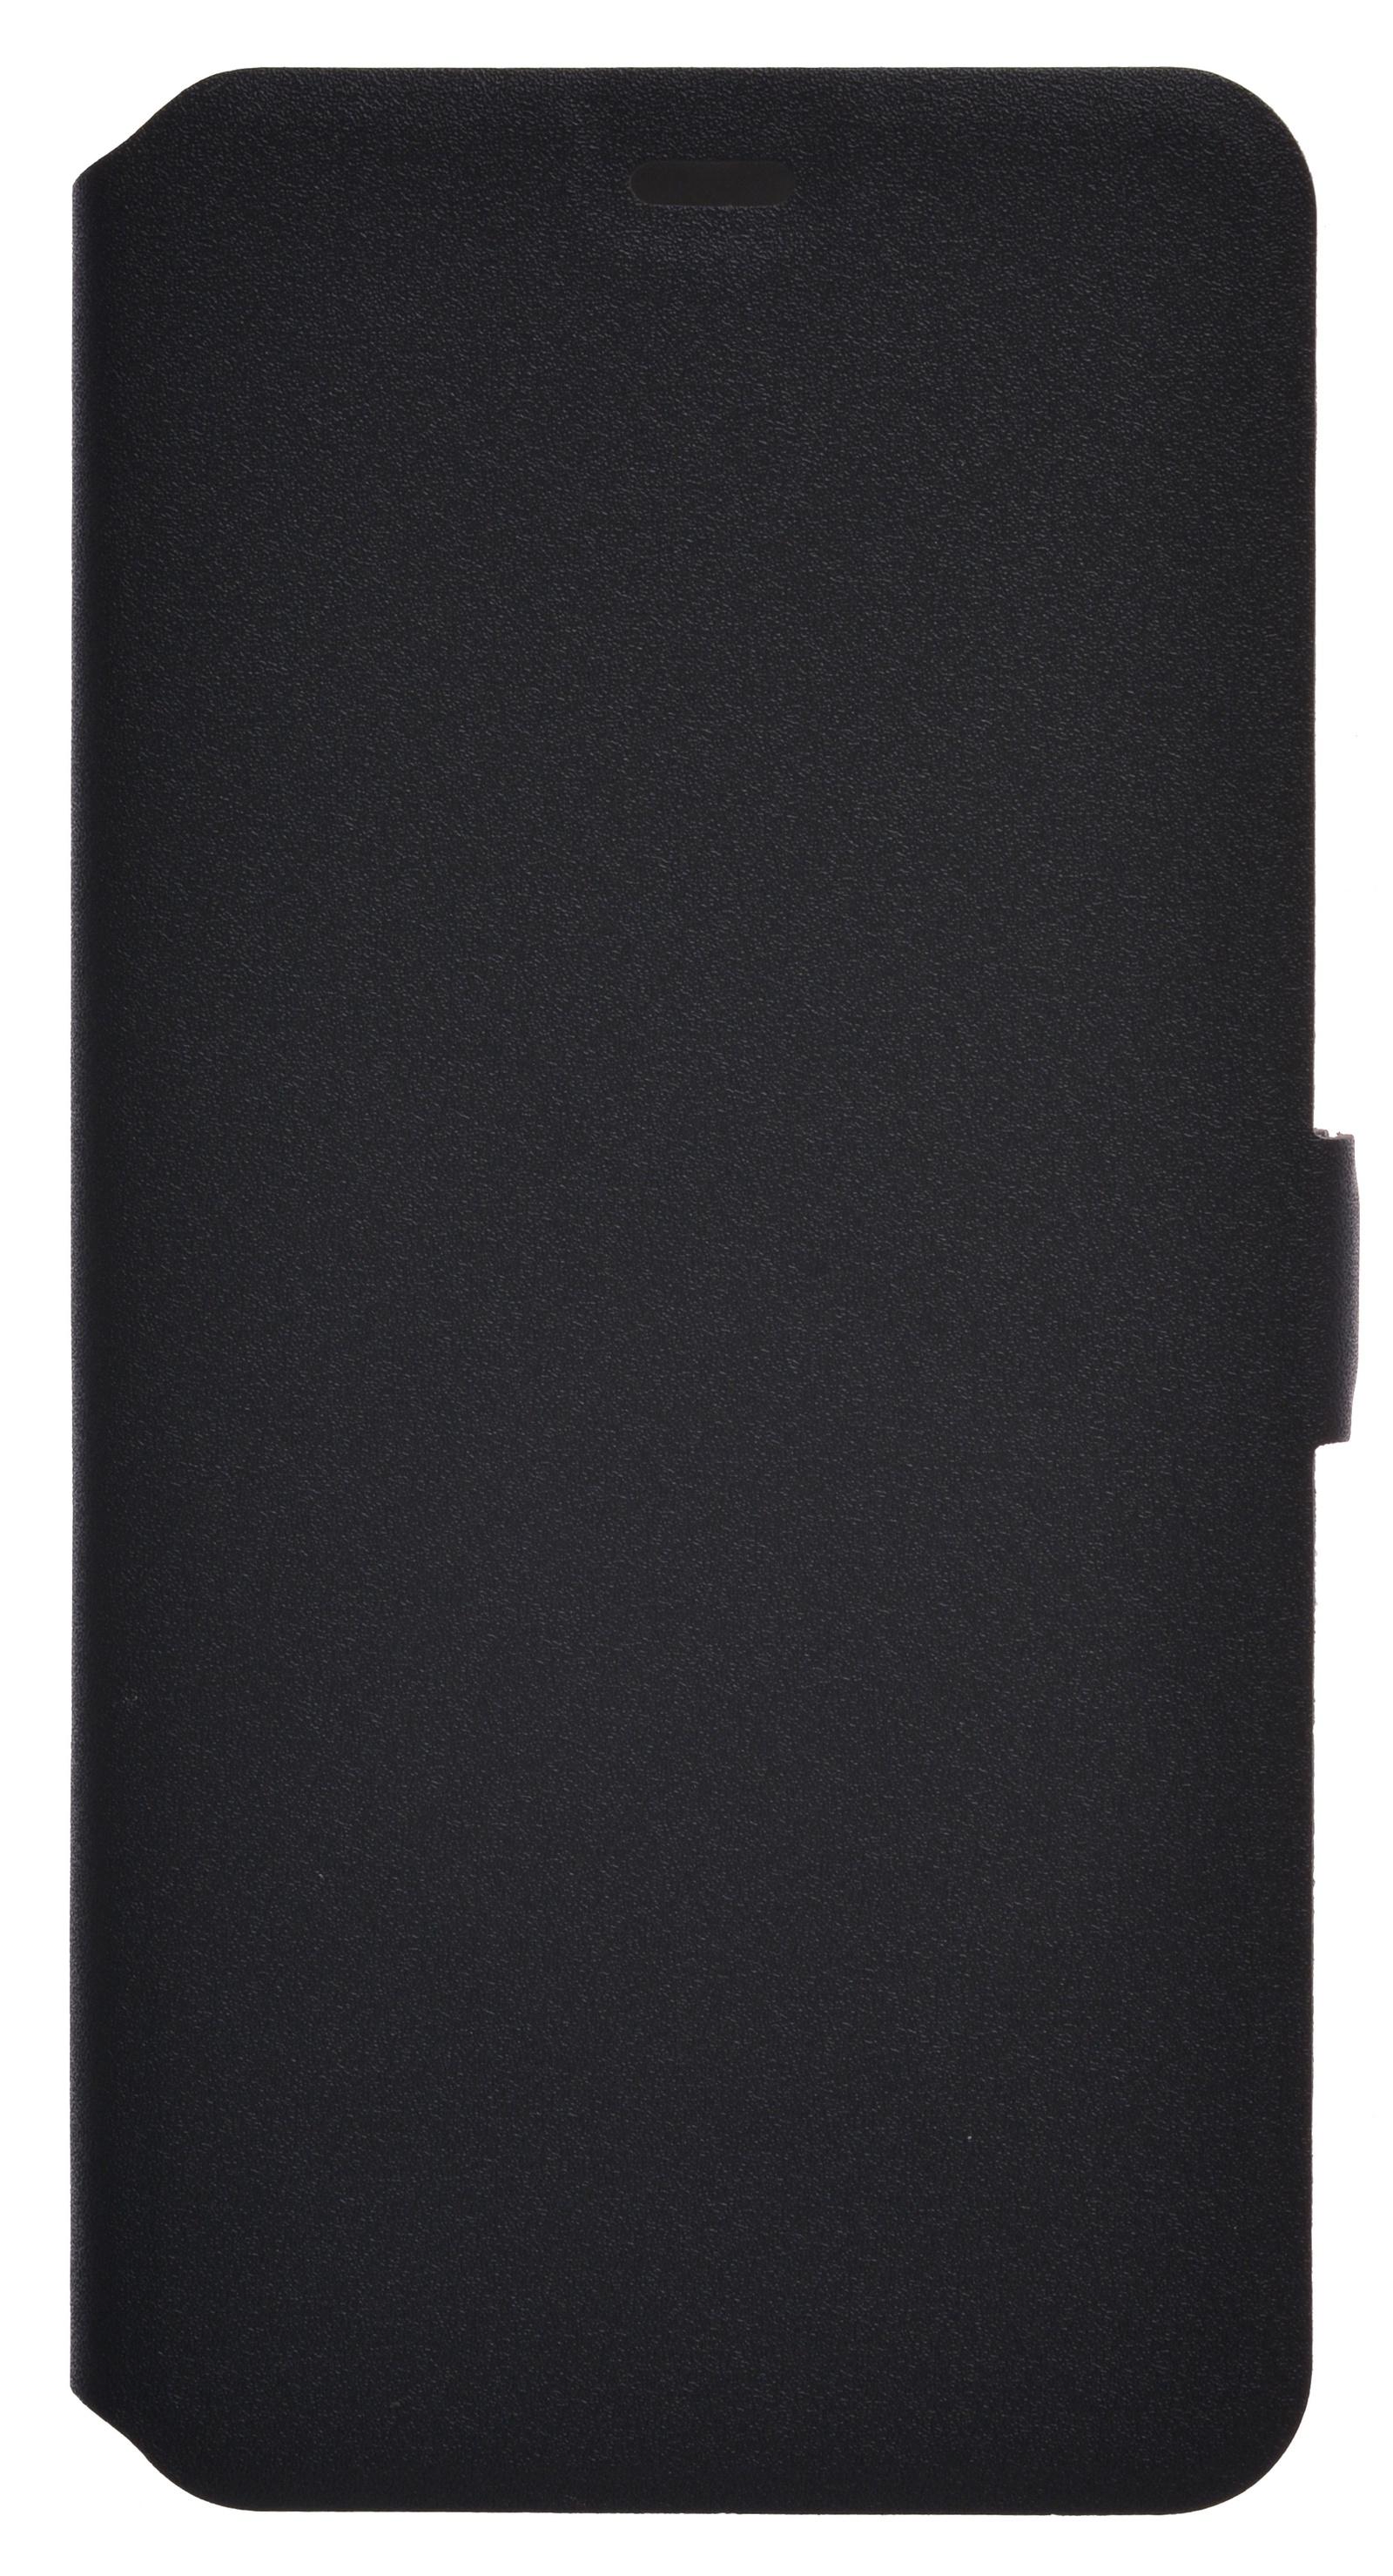 Чехол Prime Book для Redmi S2/Y2, 4660041405378, черный